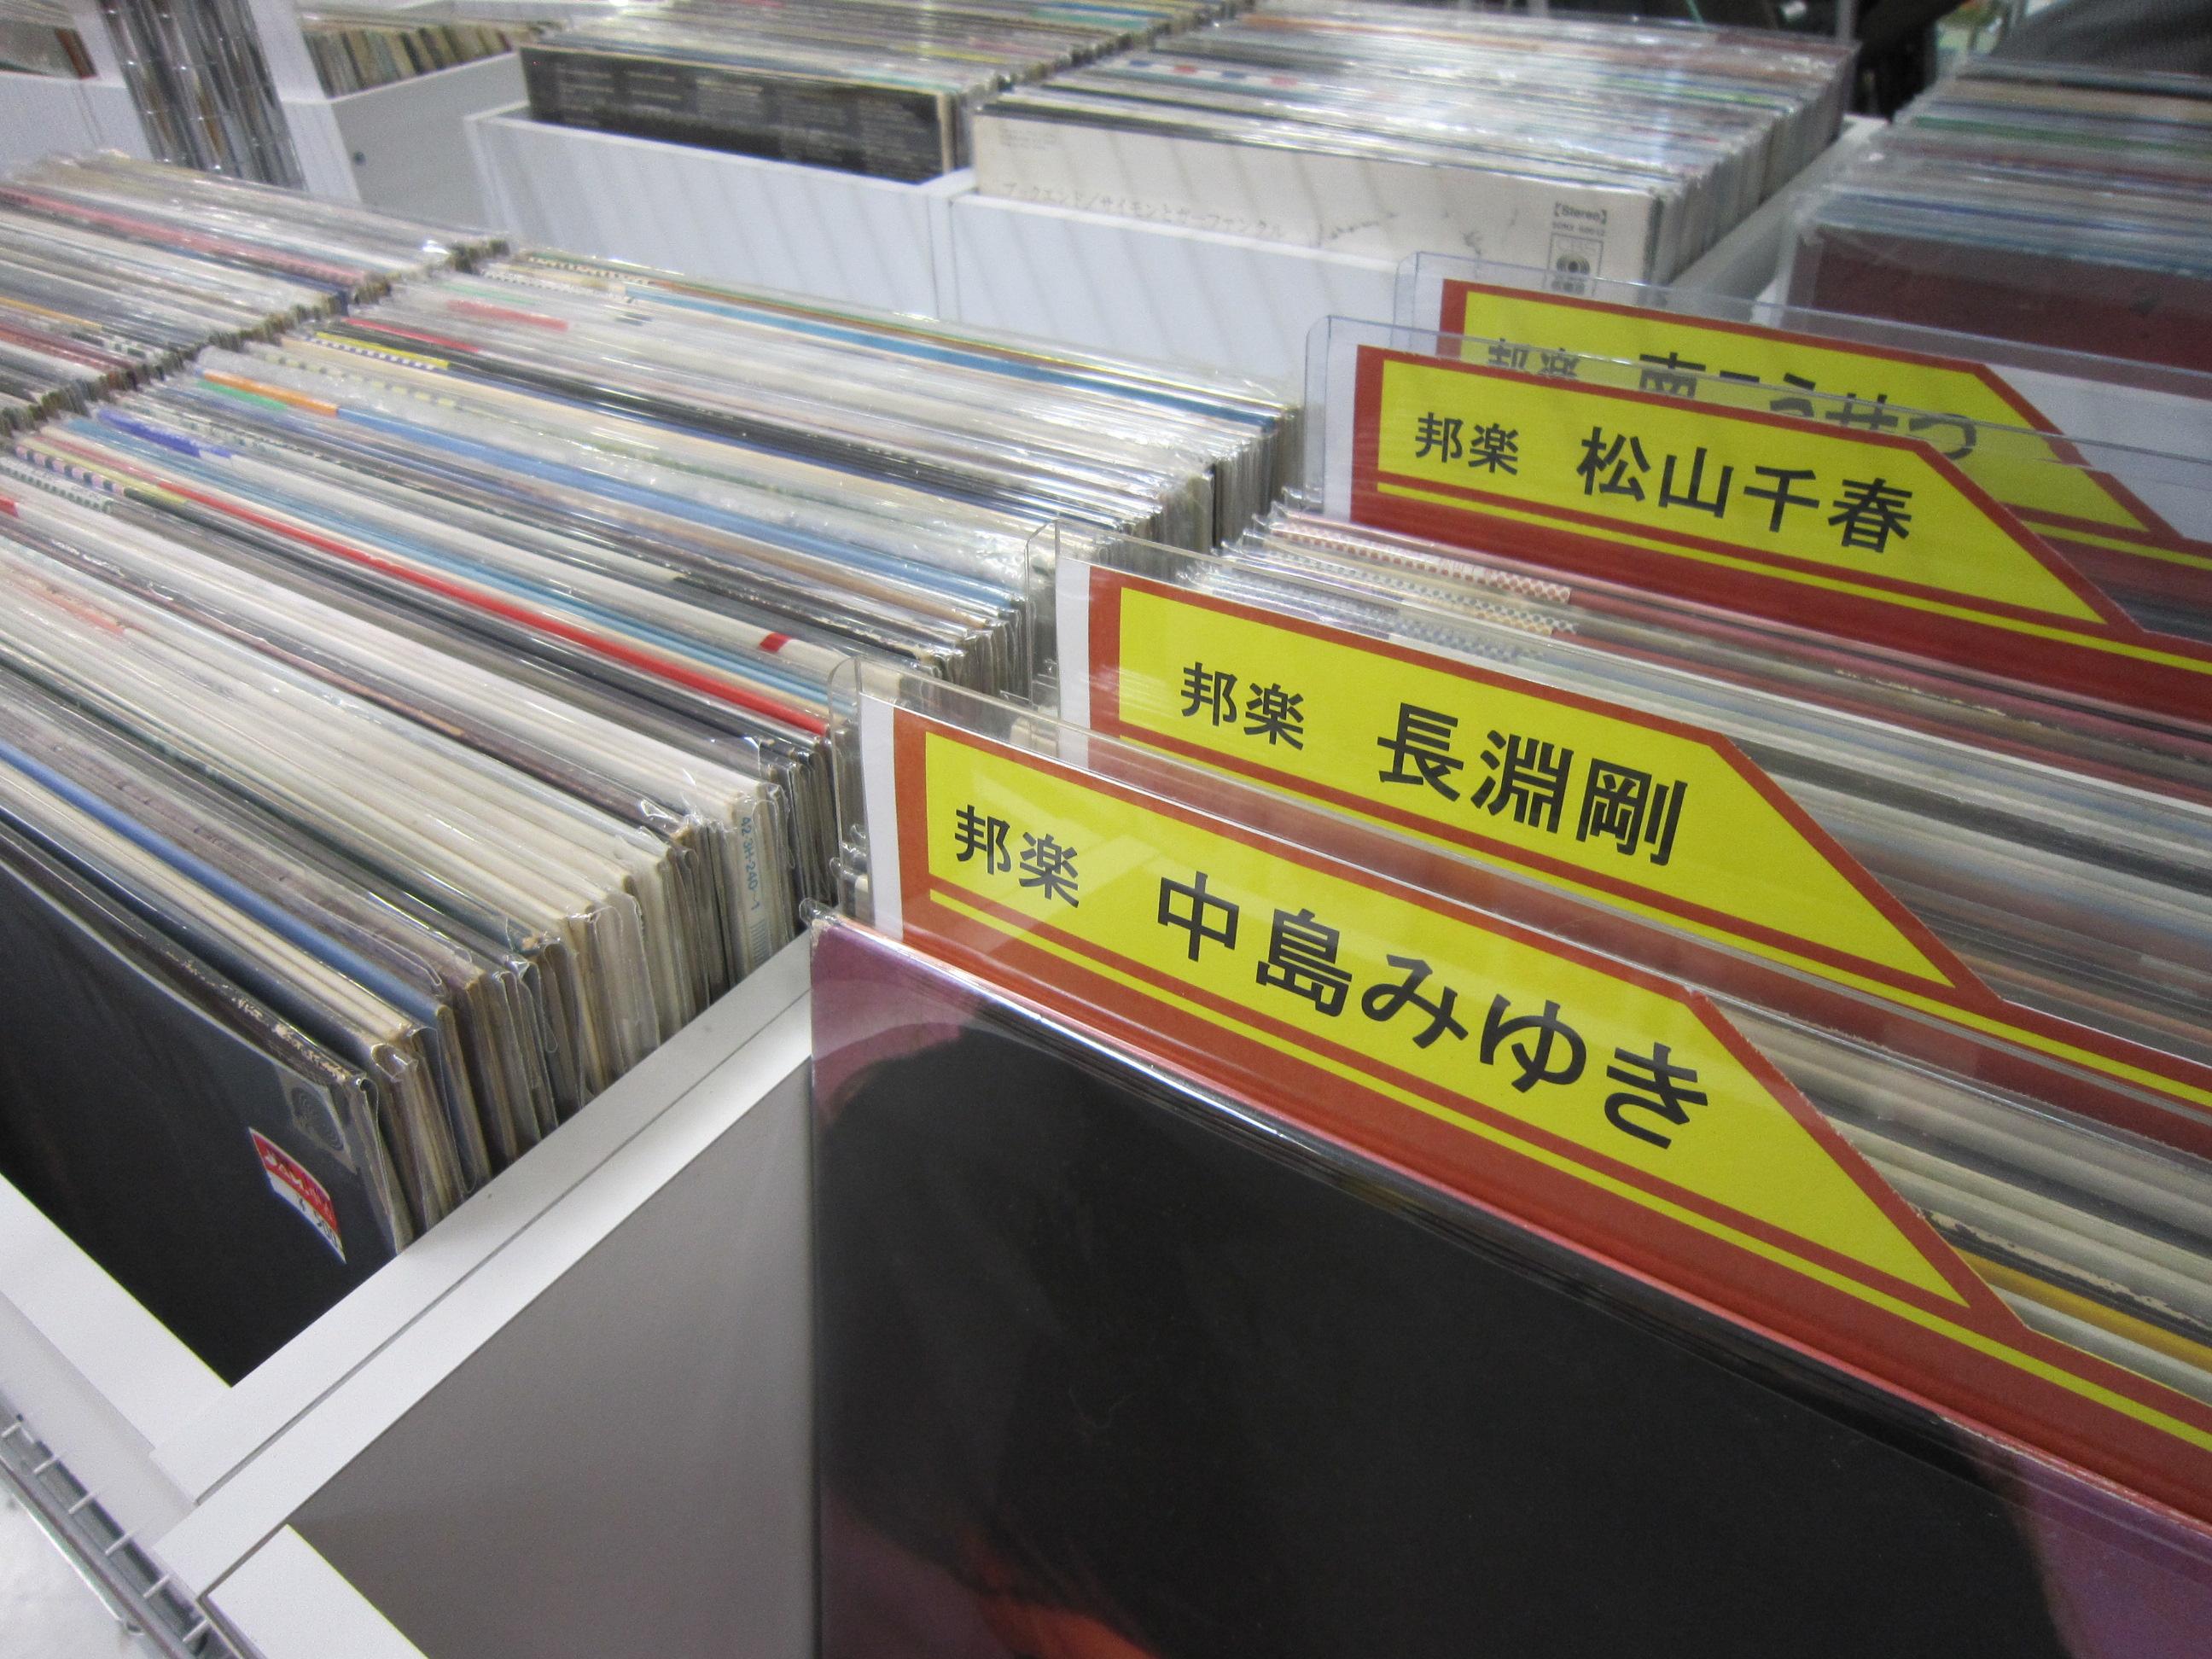 27c1ef9bfd79 レコードコーナーパワーアップ!レコード売るなら高価買取のジャム鳥取店 ...